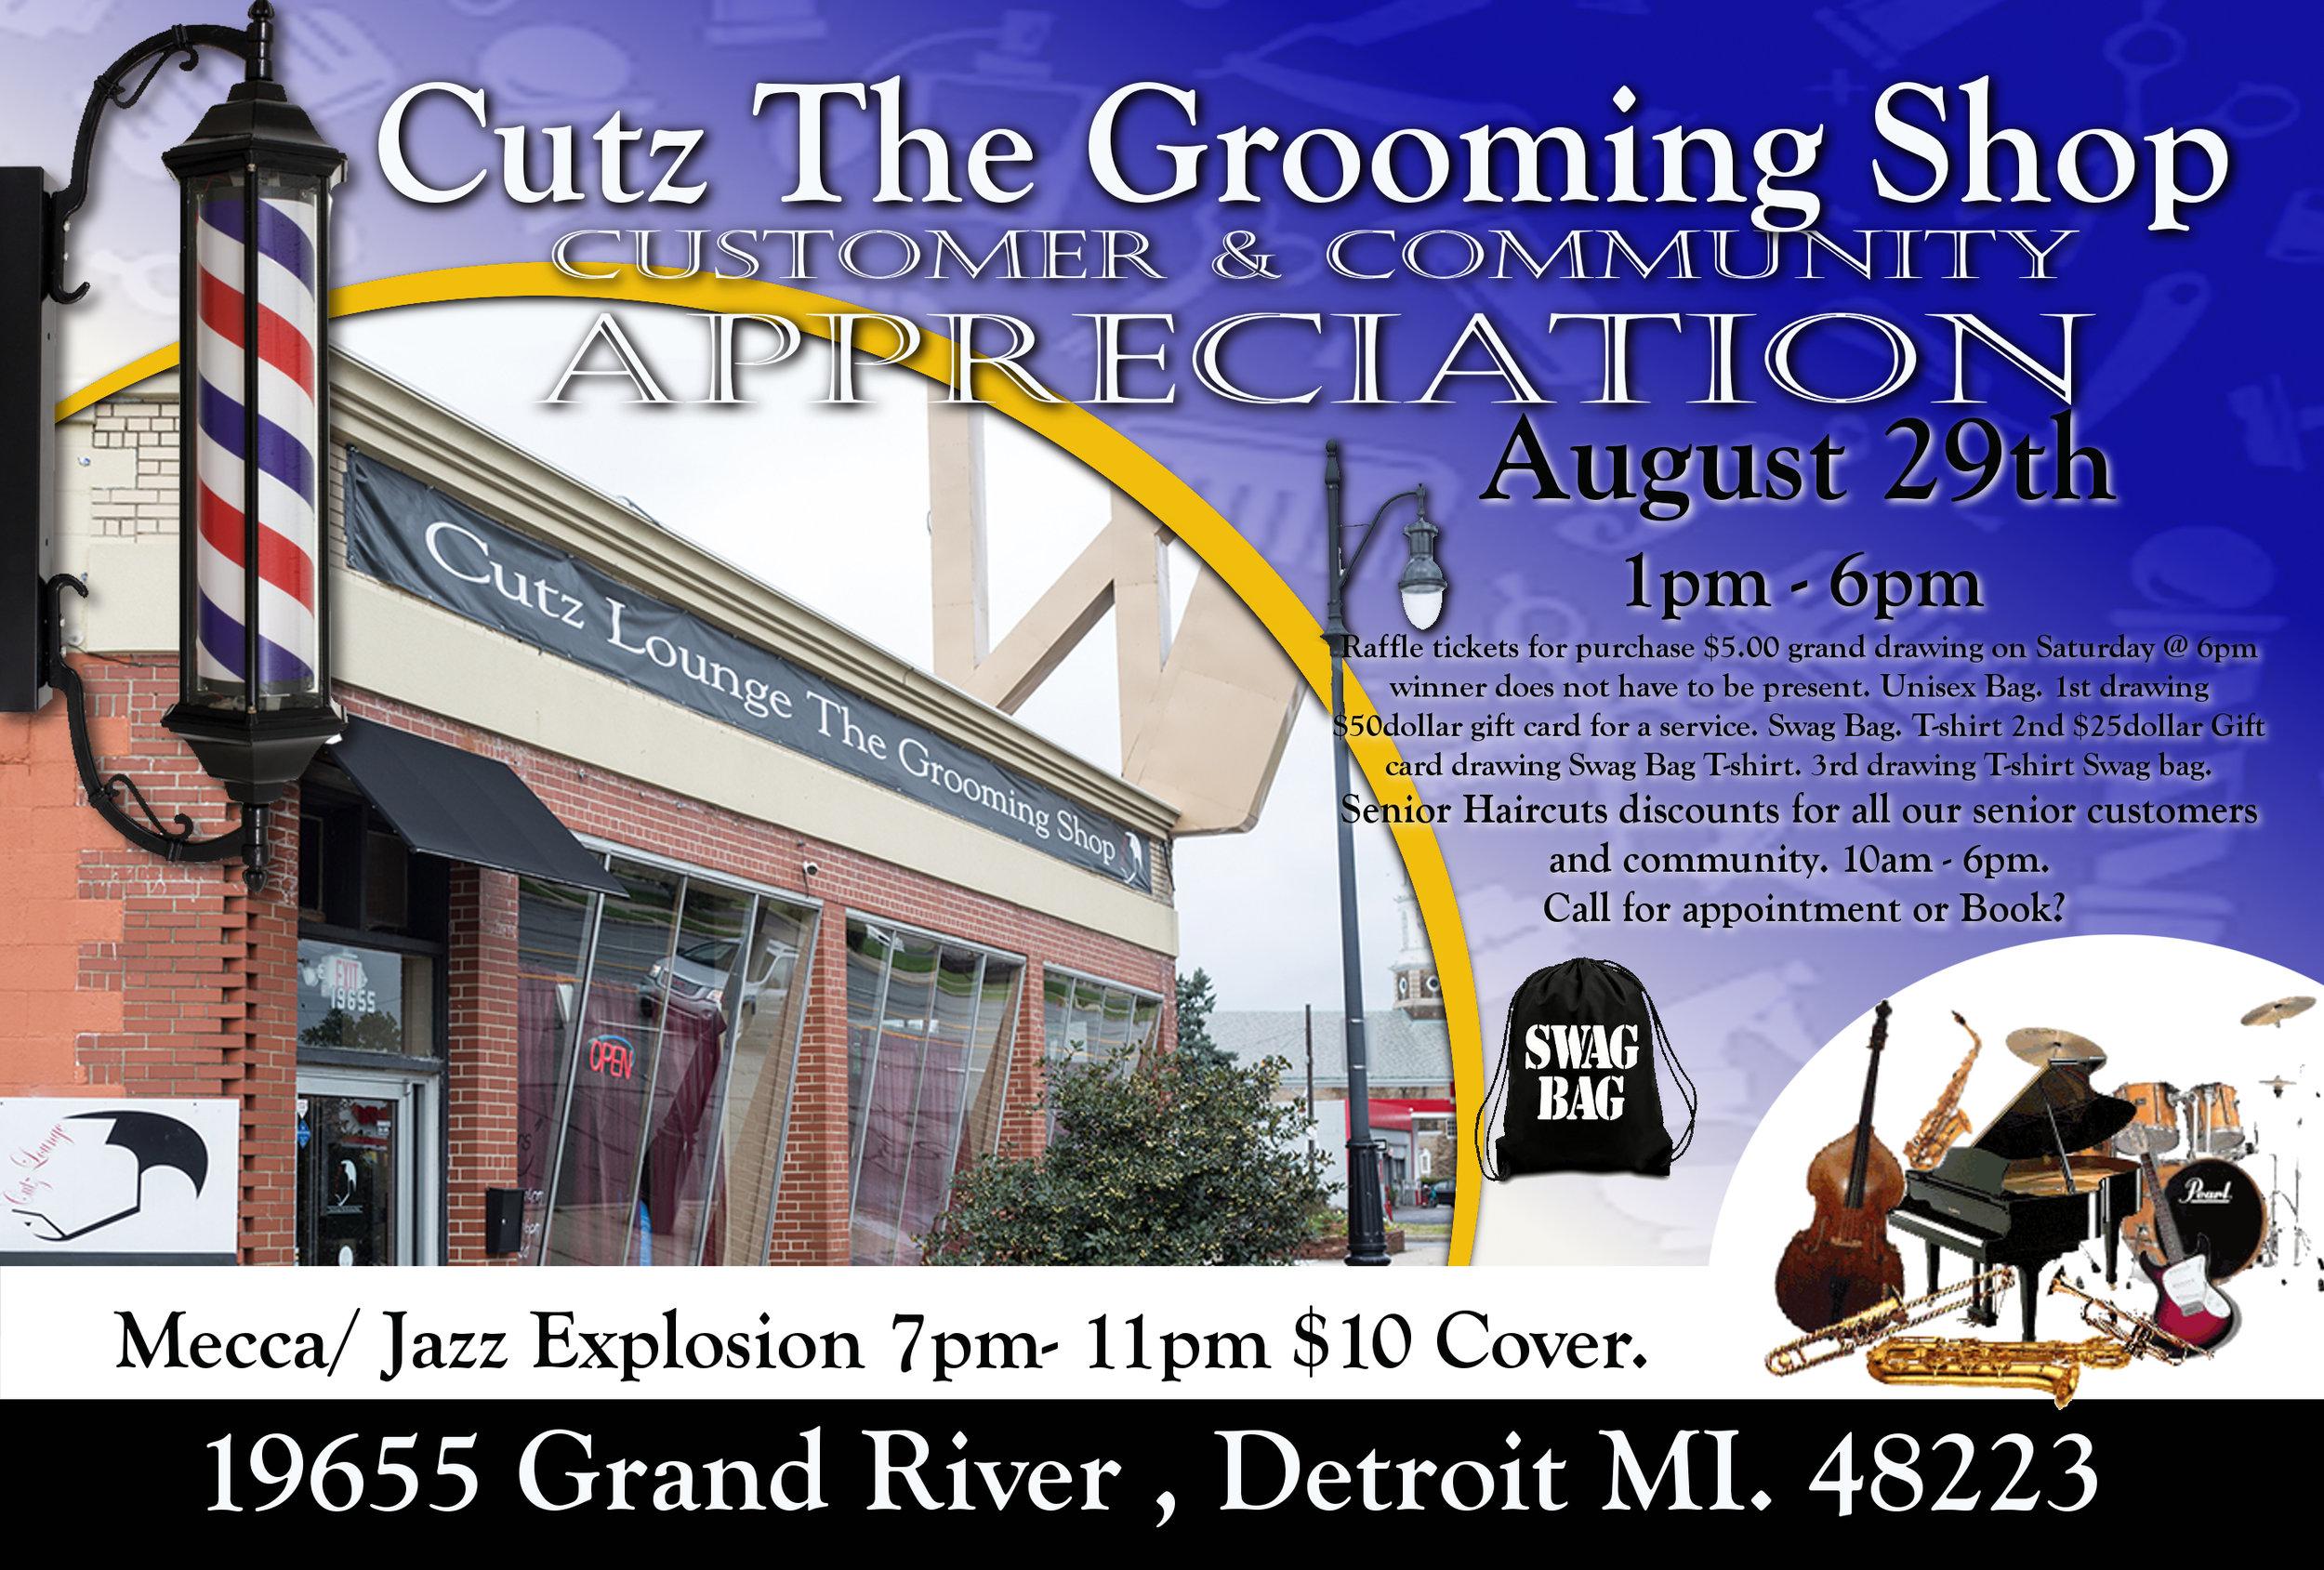 Cutz Community Appreciation29th.jpg